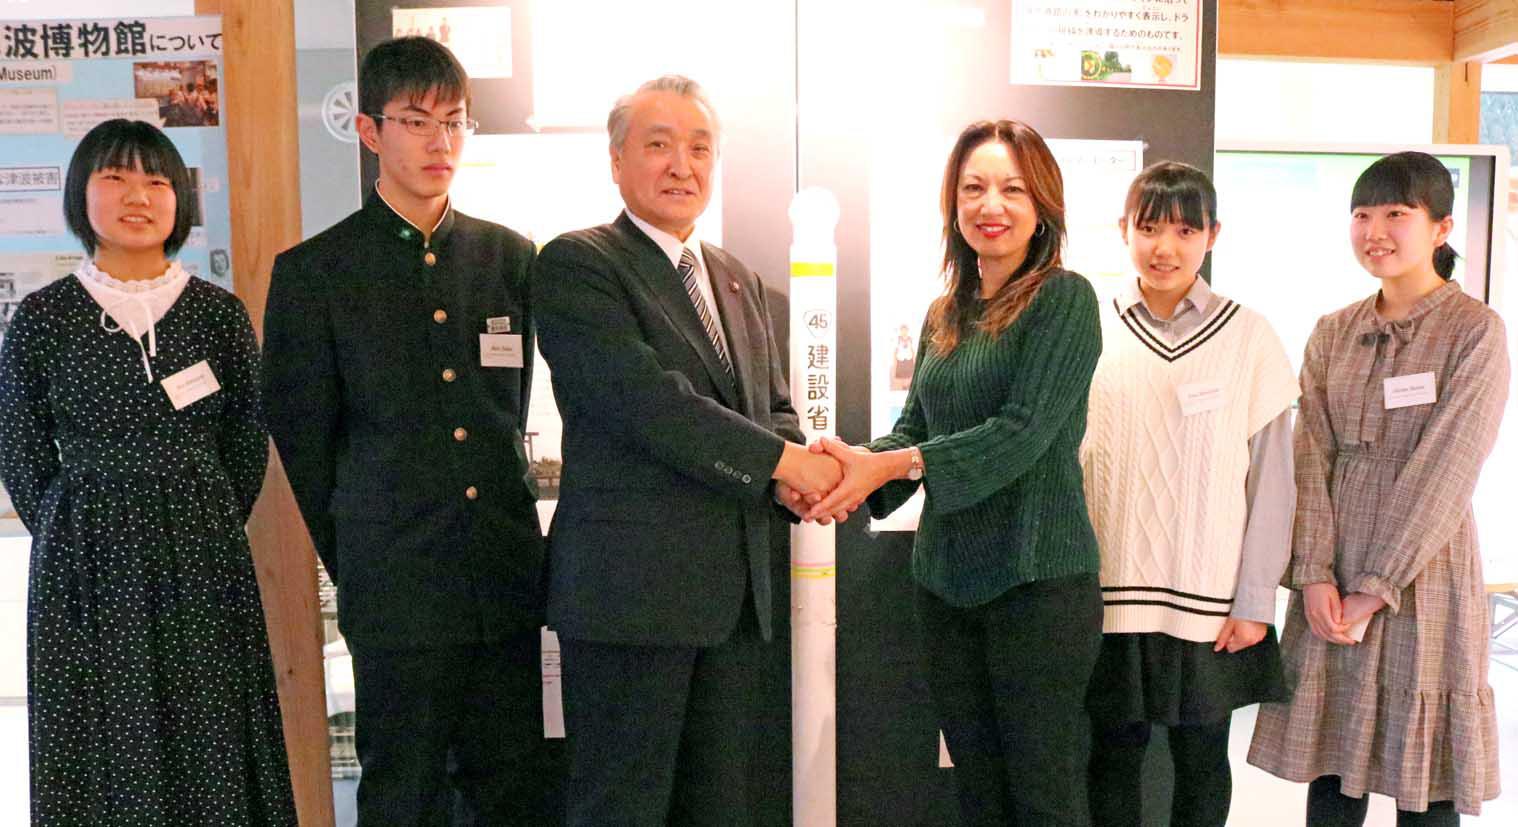 釜石訪問と博物館を訪れた中学生との再会を喜ぶムリー館長(右から3人目)